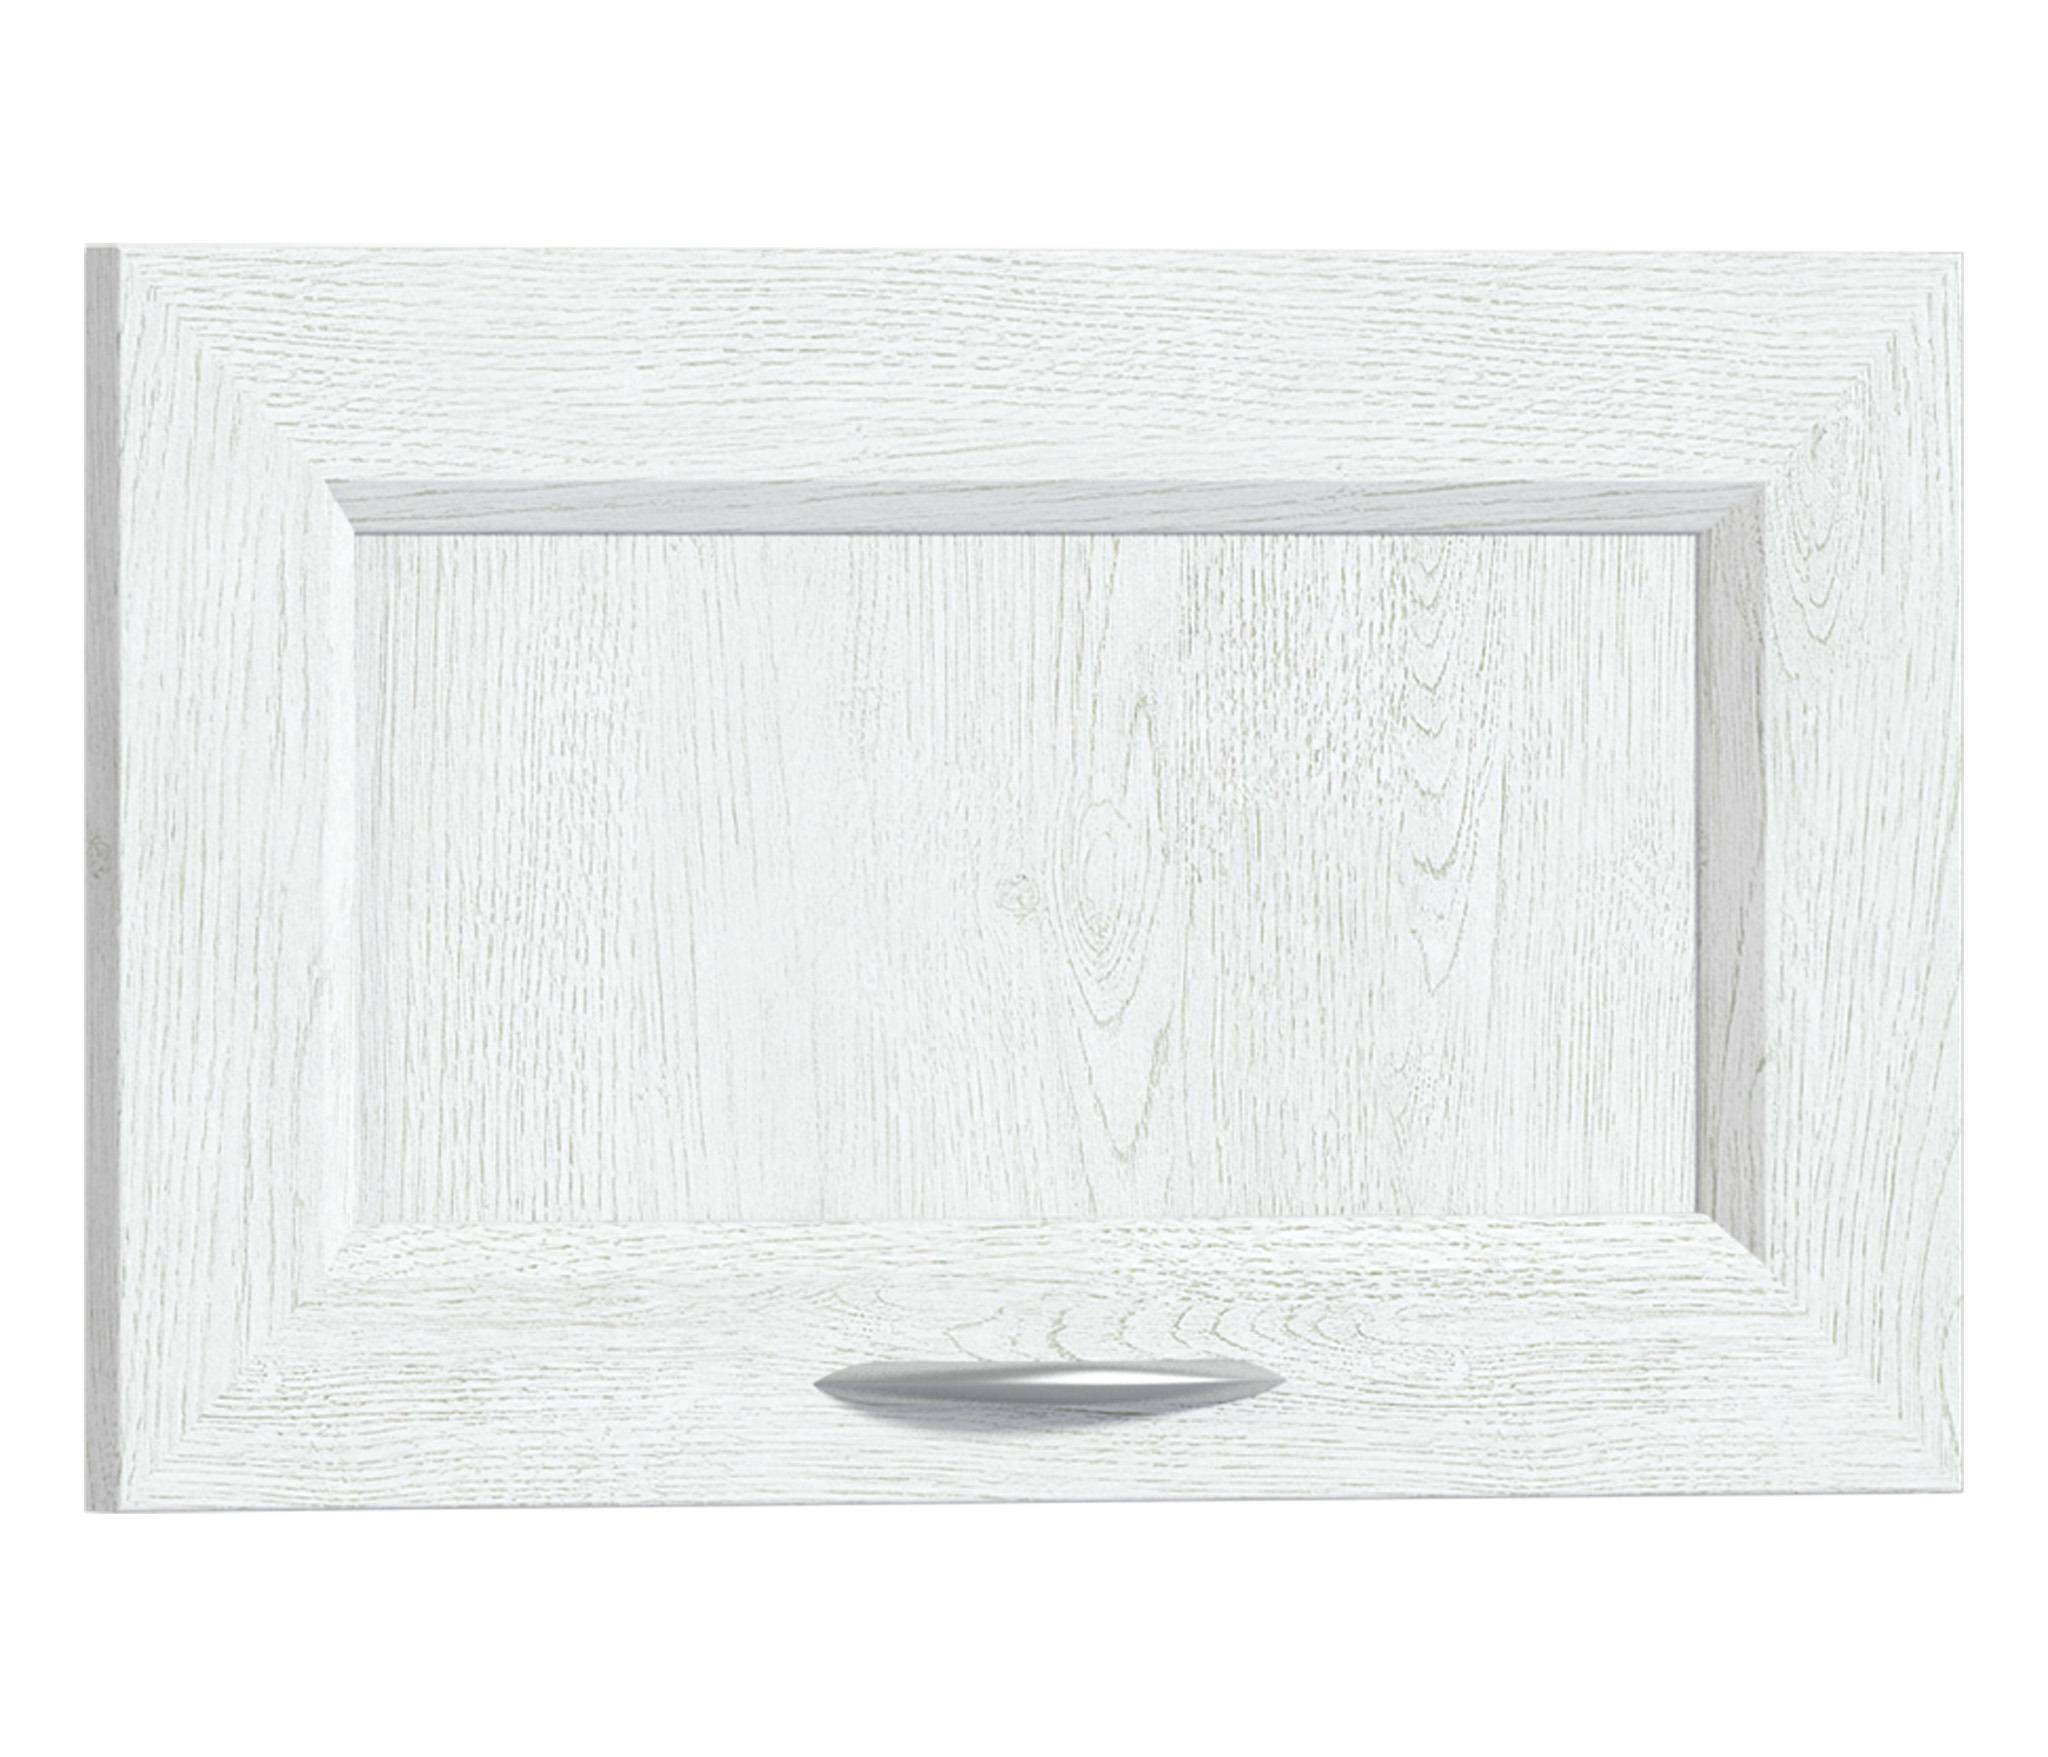 Фасад Регина Ф-260 к корпусу РП-260Мебель для кухни<br>Стильная дверца для верхнего отделения шкафа.<br><br>Длина мм: 596<br>Высота мм: 355<br>Глубина мм: 22